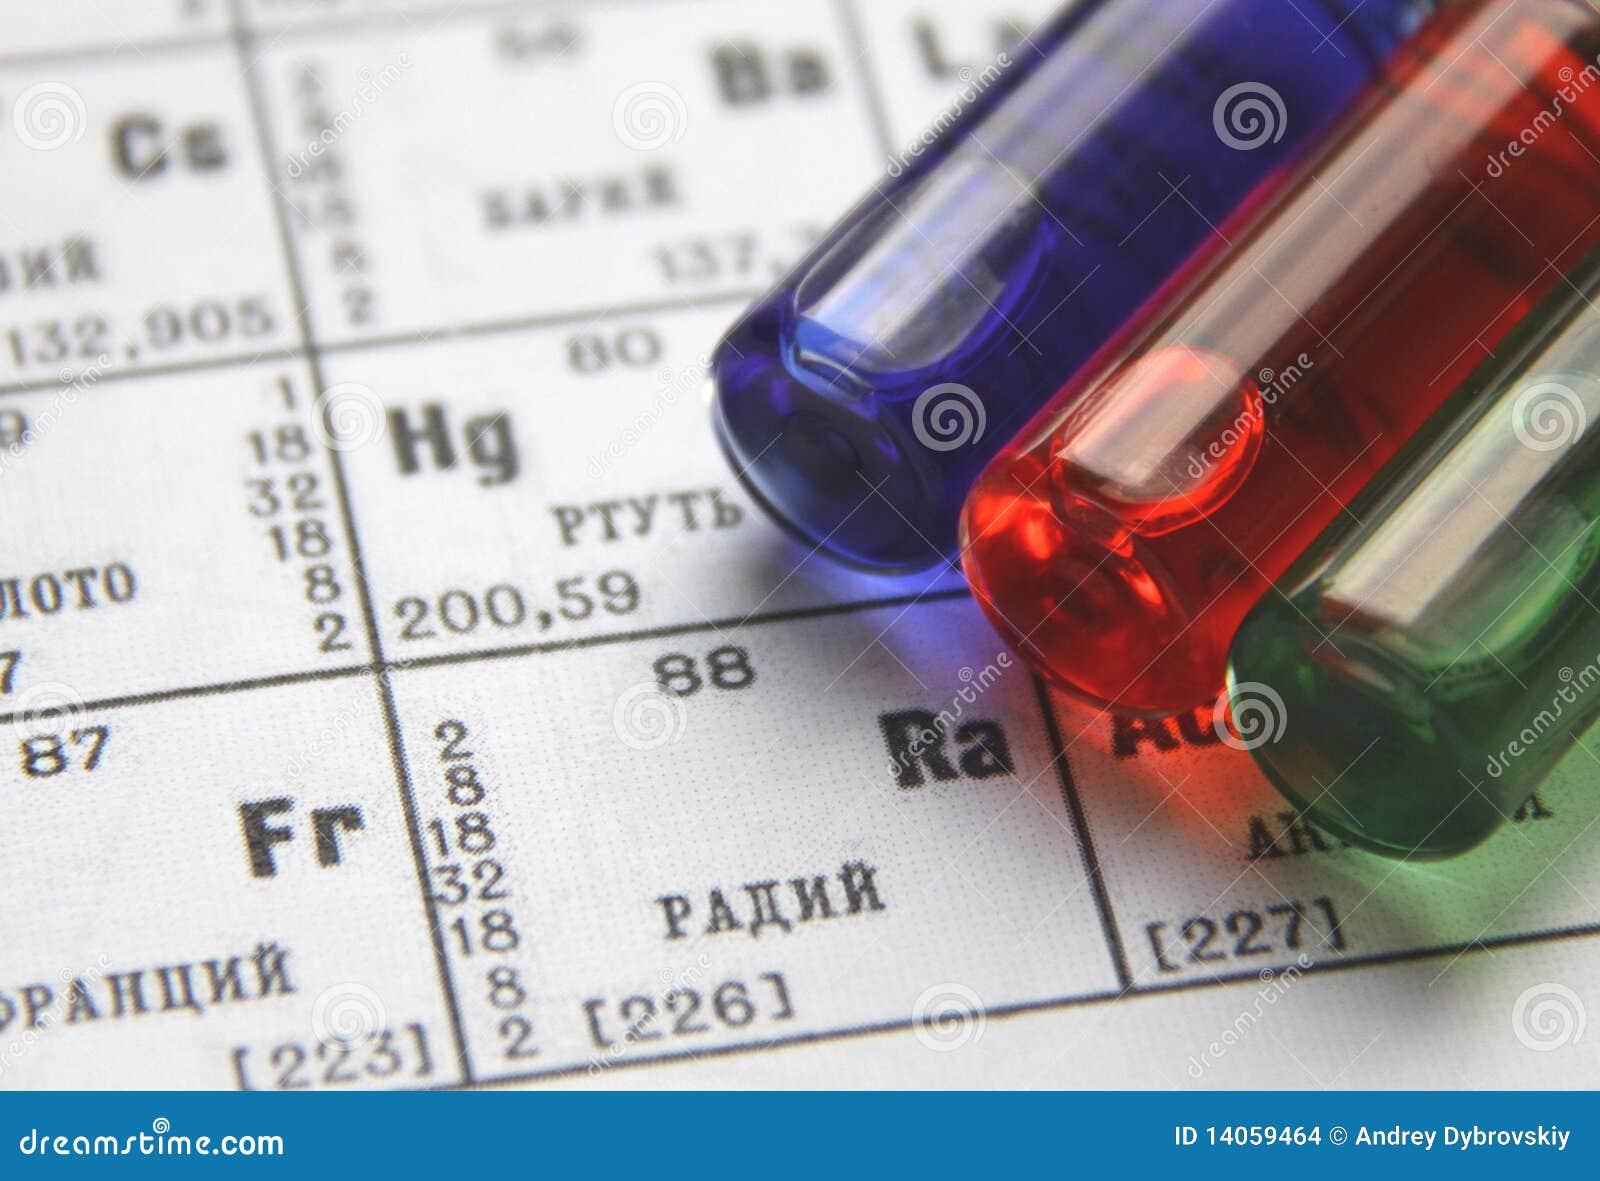 Química. Serie del tubo de prueba